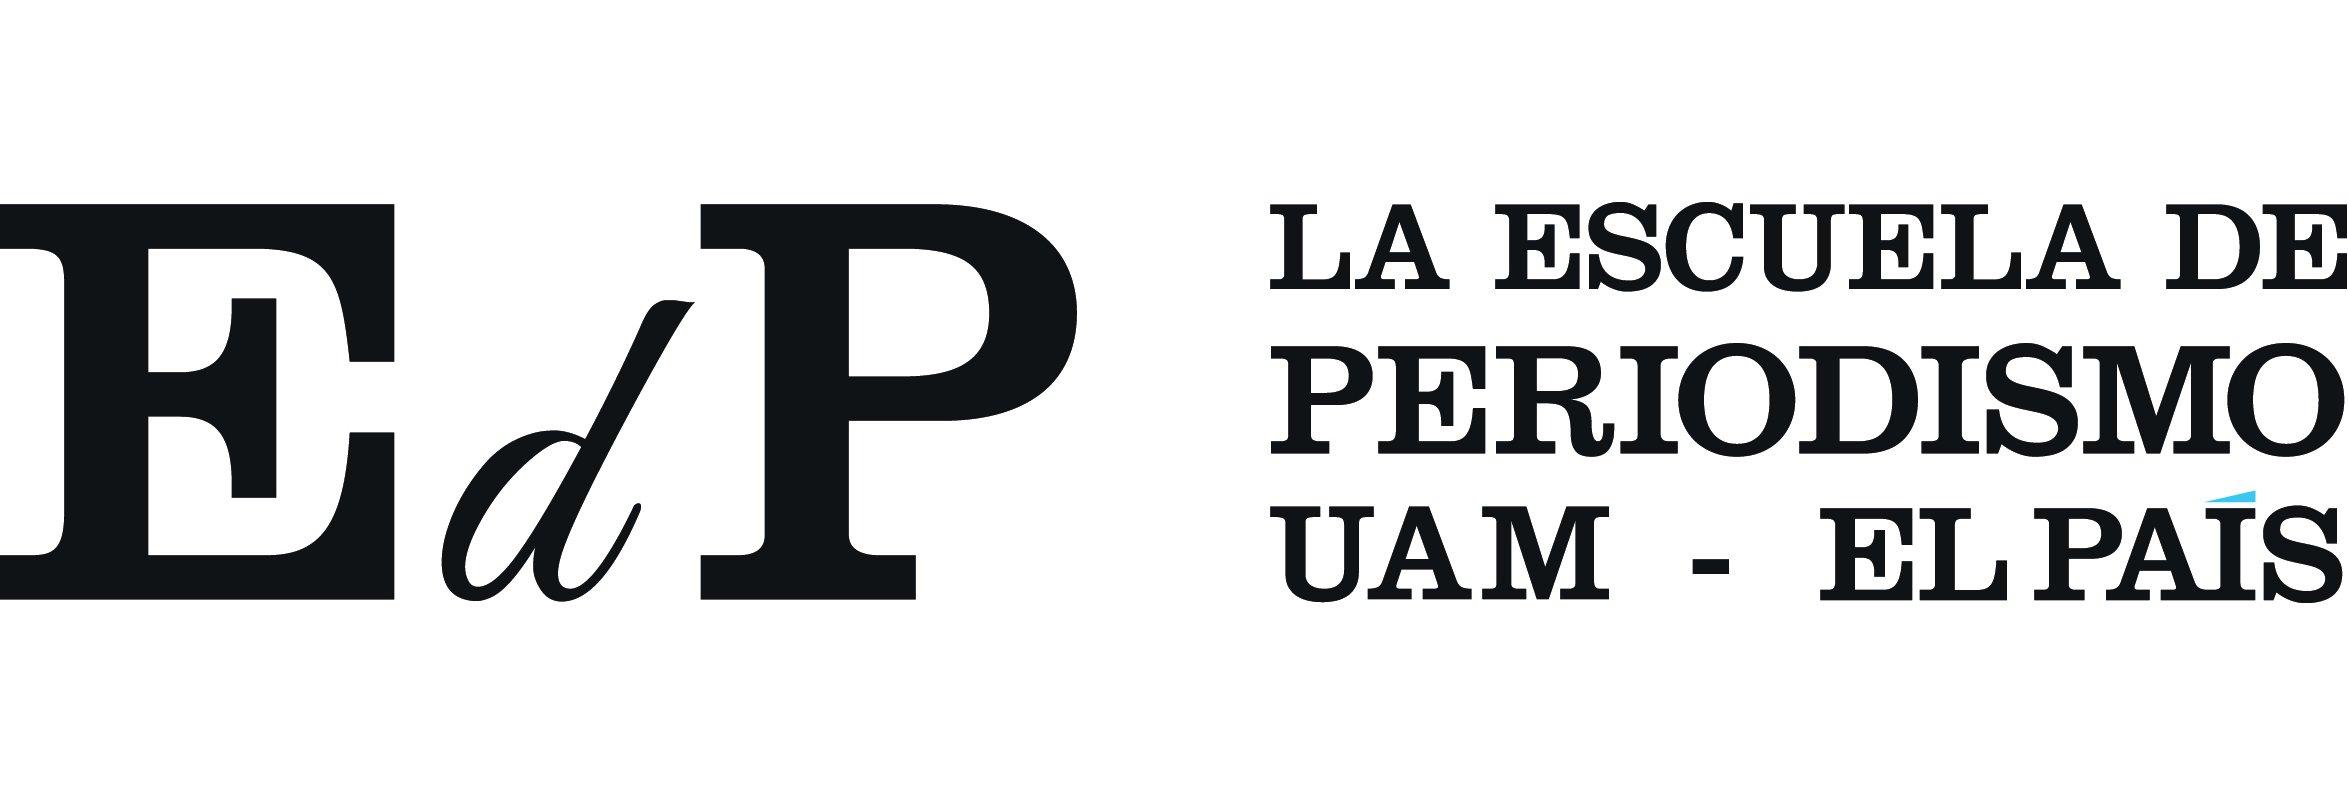 Escuela de Periodismo UAM - El País